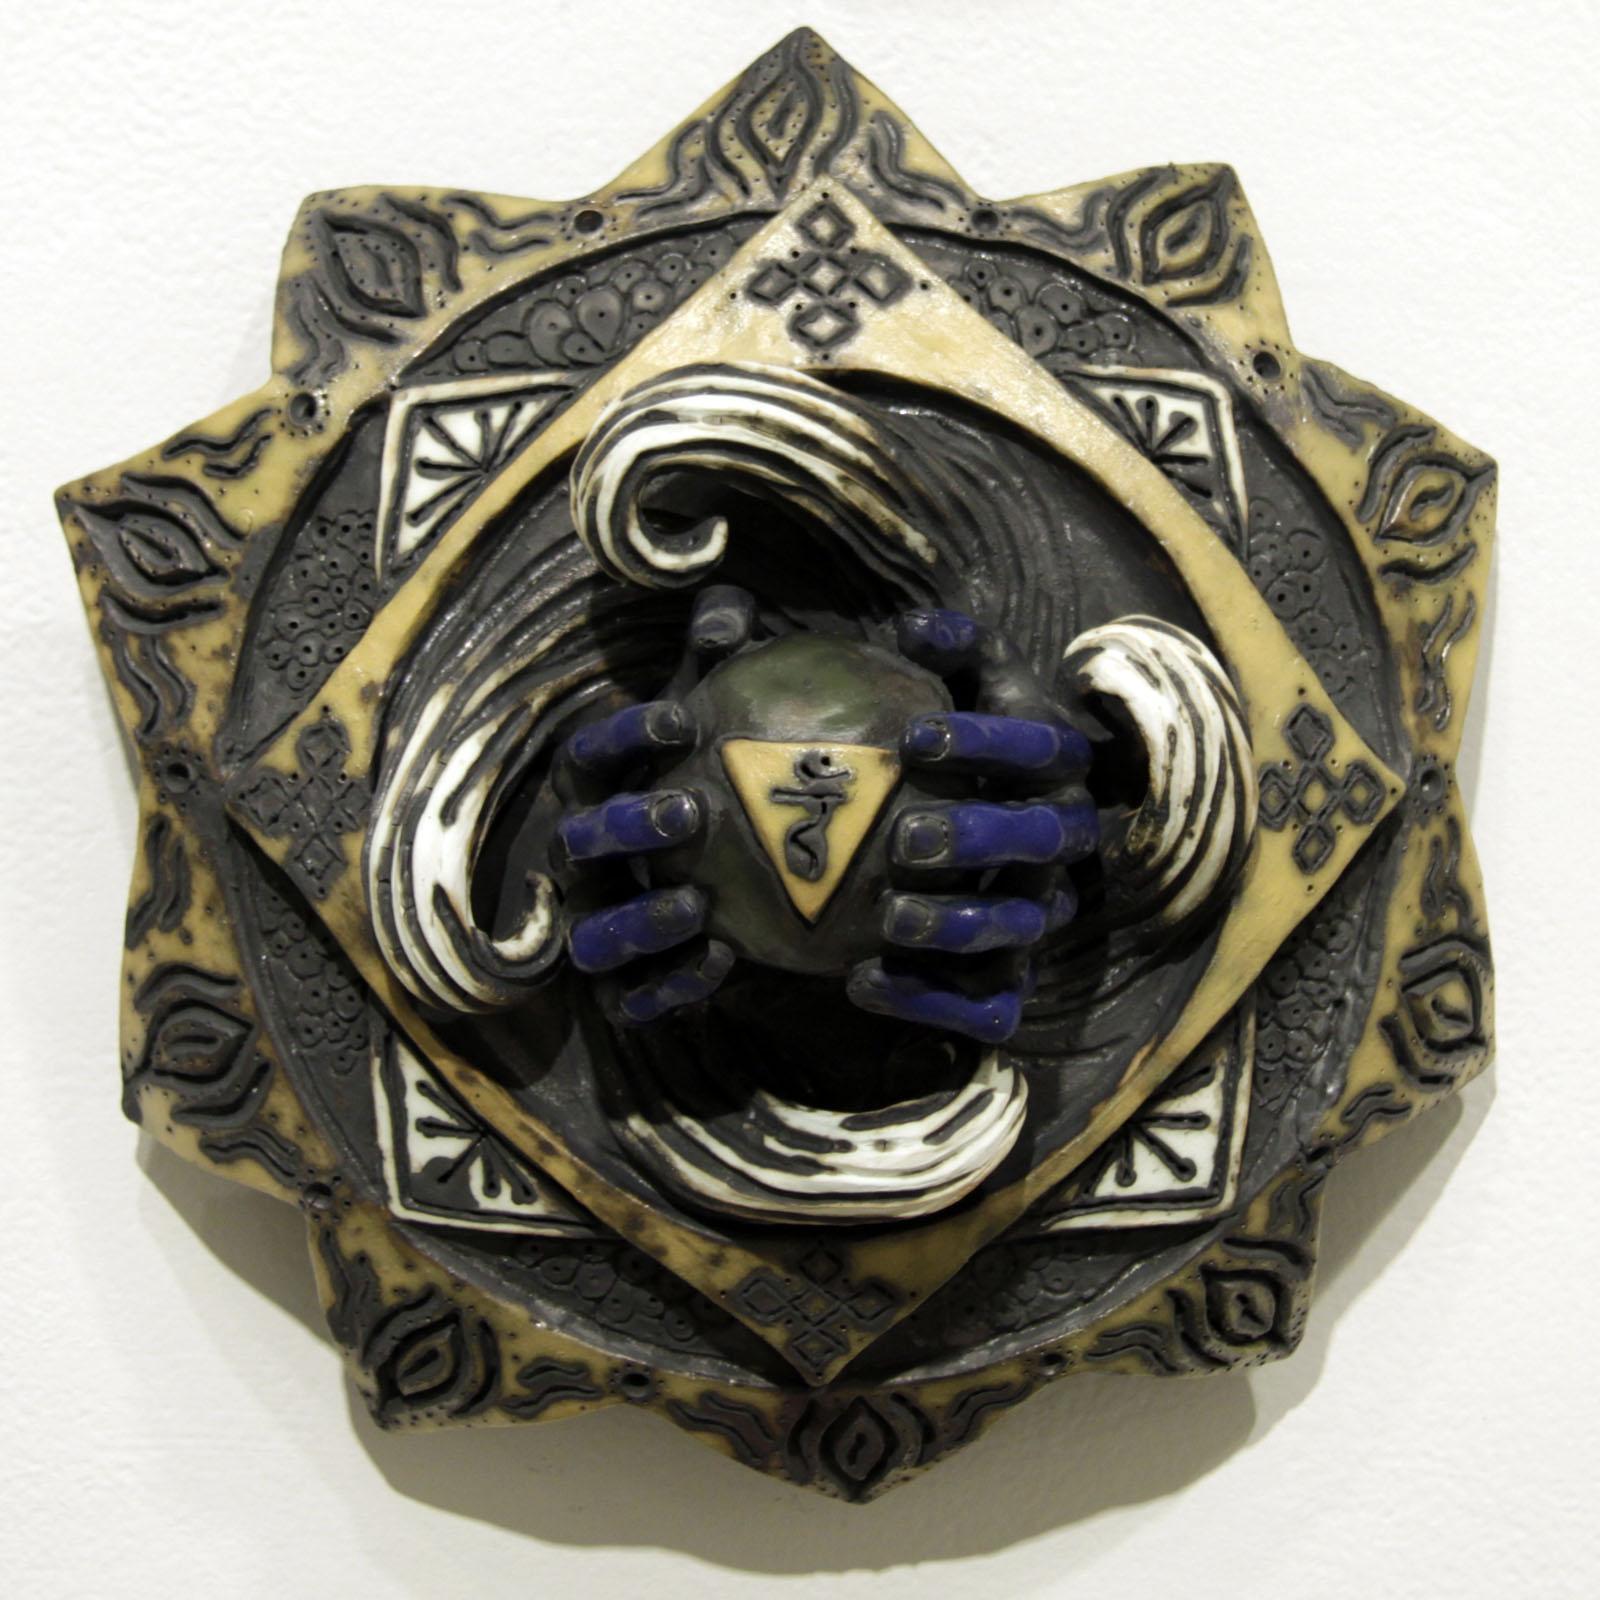 Manipura   12 inches in diameter / ceramic and acrylic